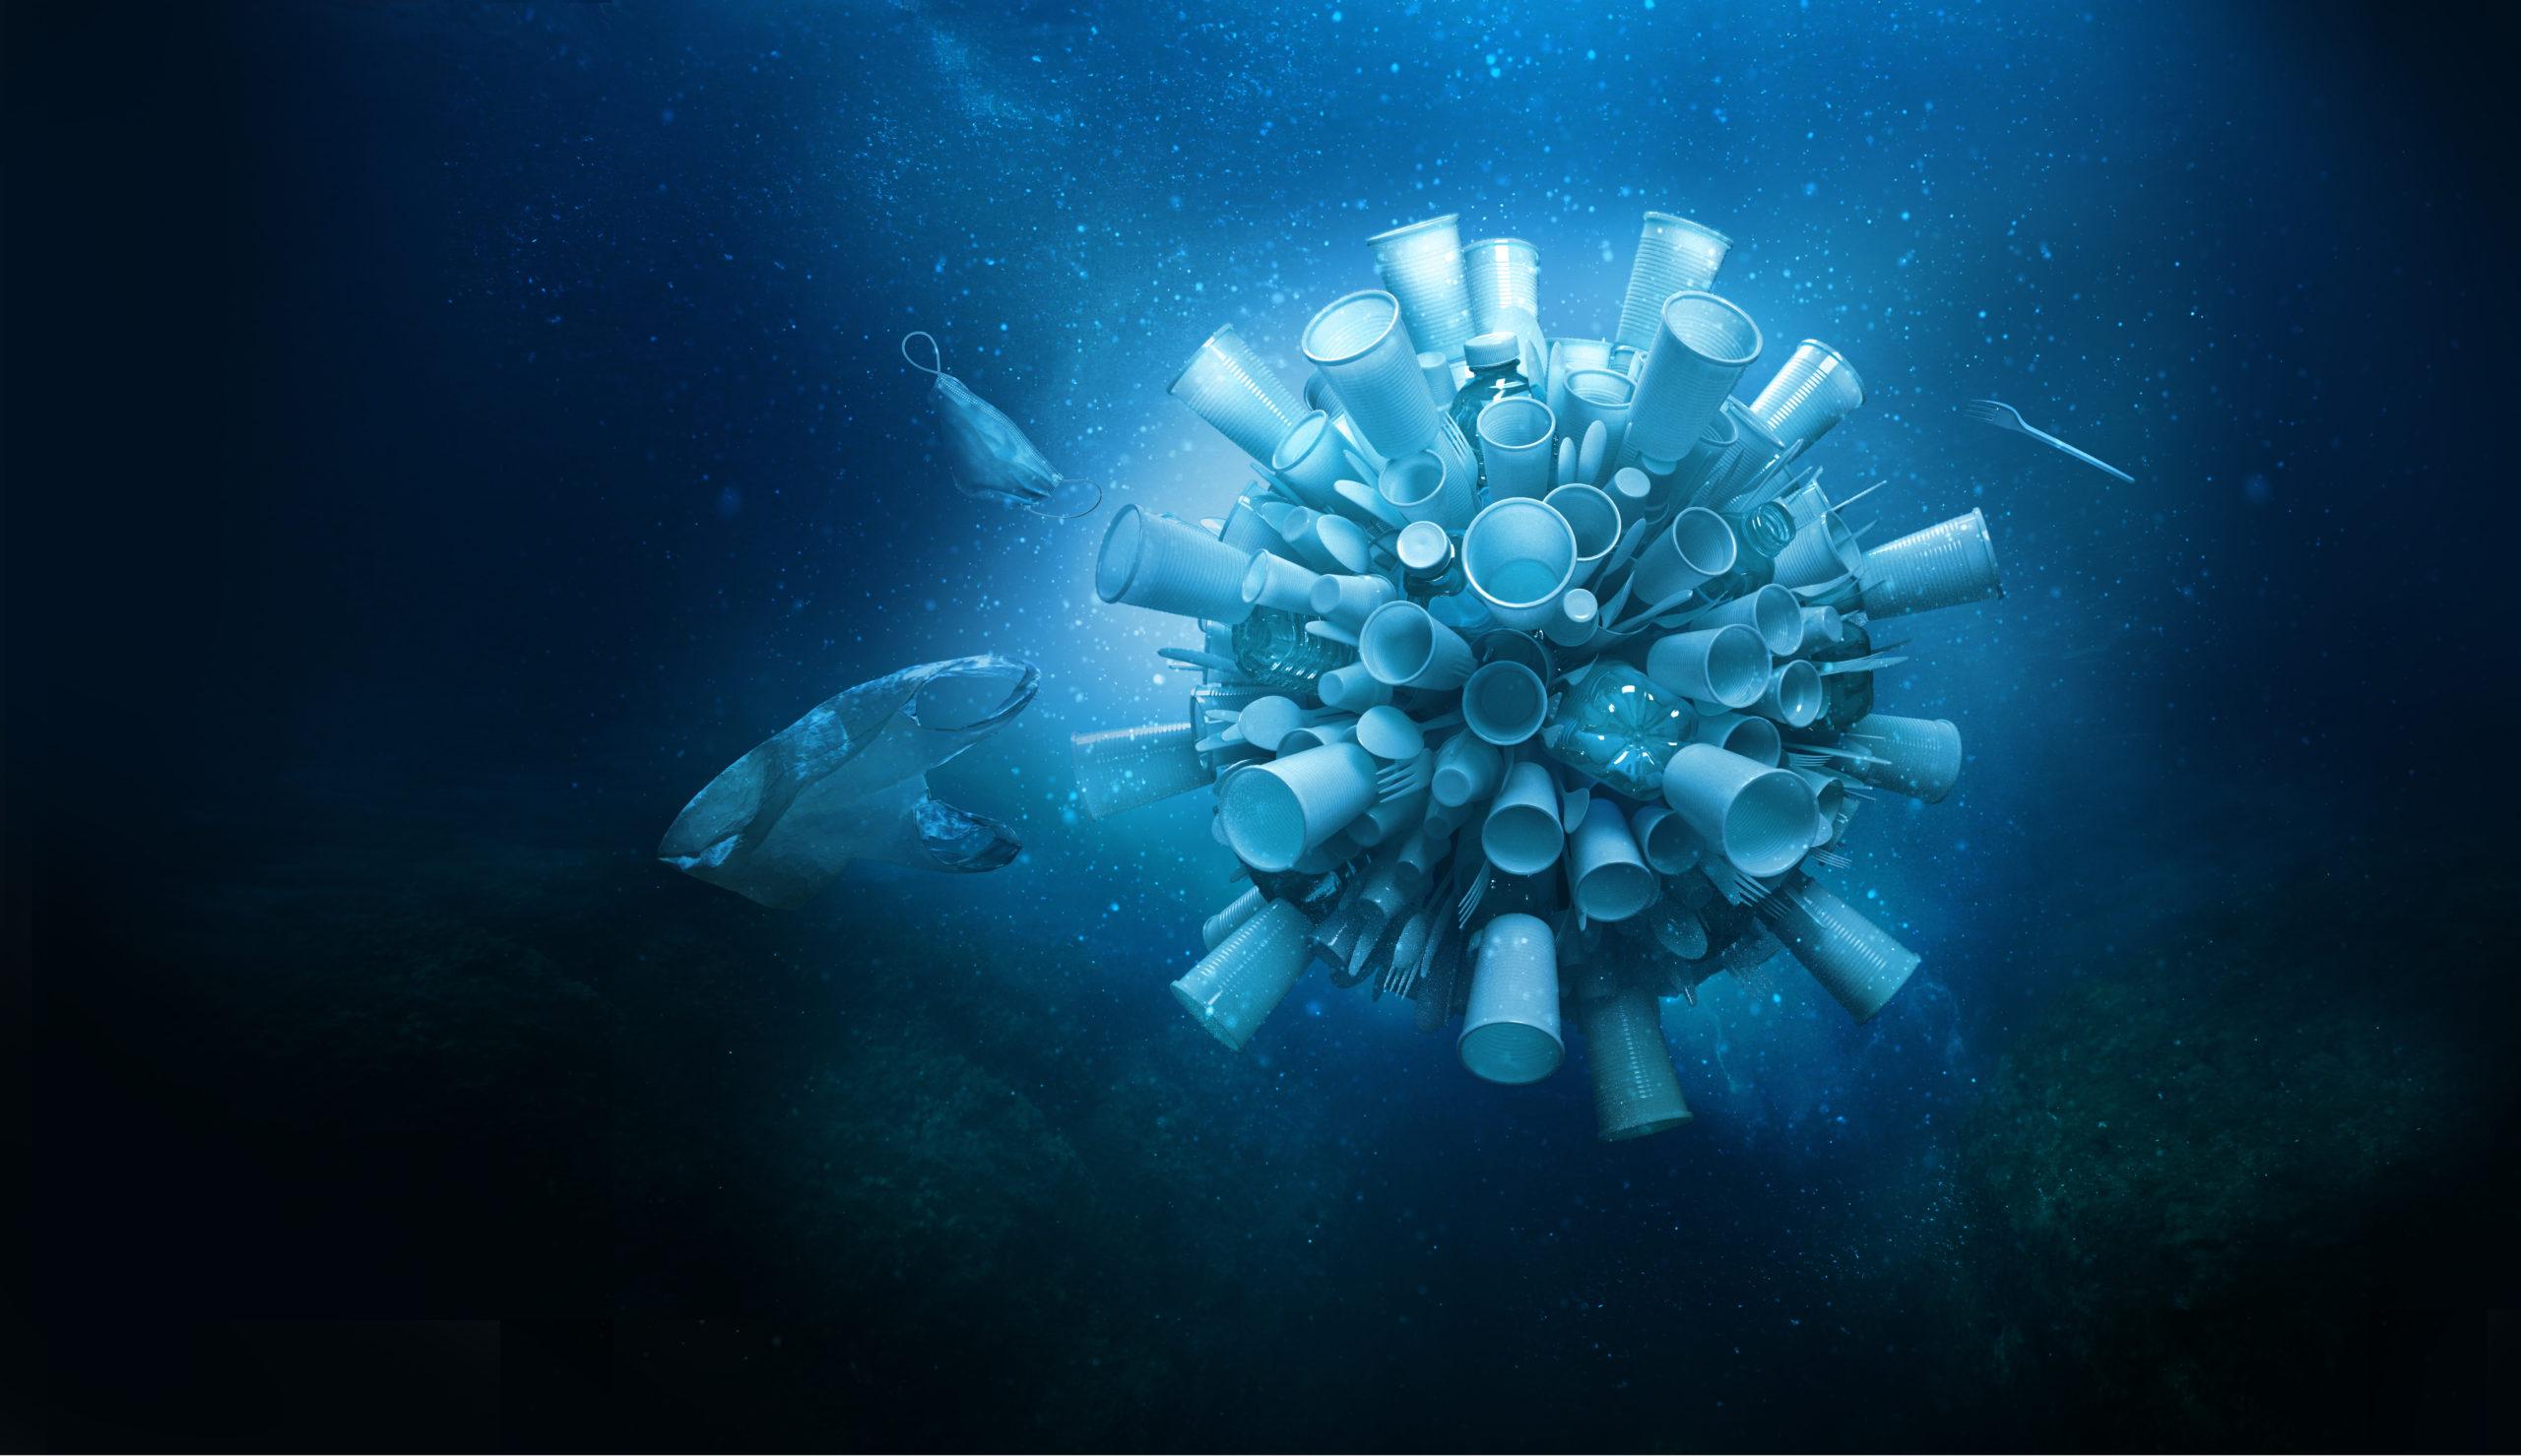 Italia leader per la salvaguardia del mare: Marevivo ottiene l'inserimento dell'emendamento che vieta bicchieri di plastica monouso nel ddl della Direttiva Europea SUP